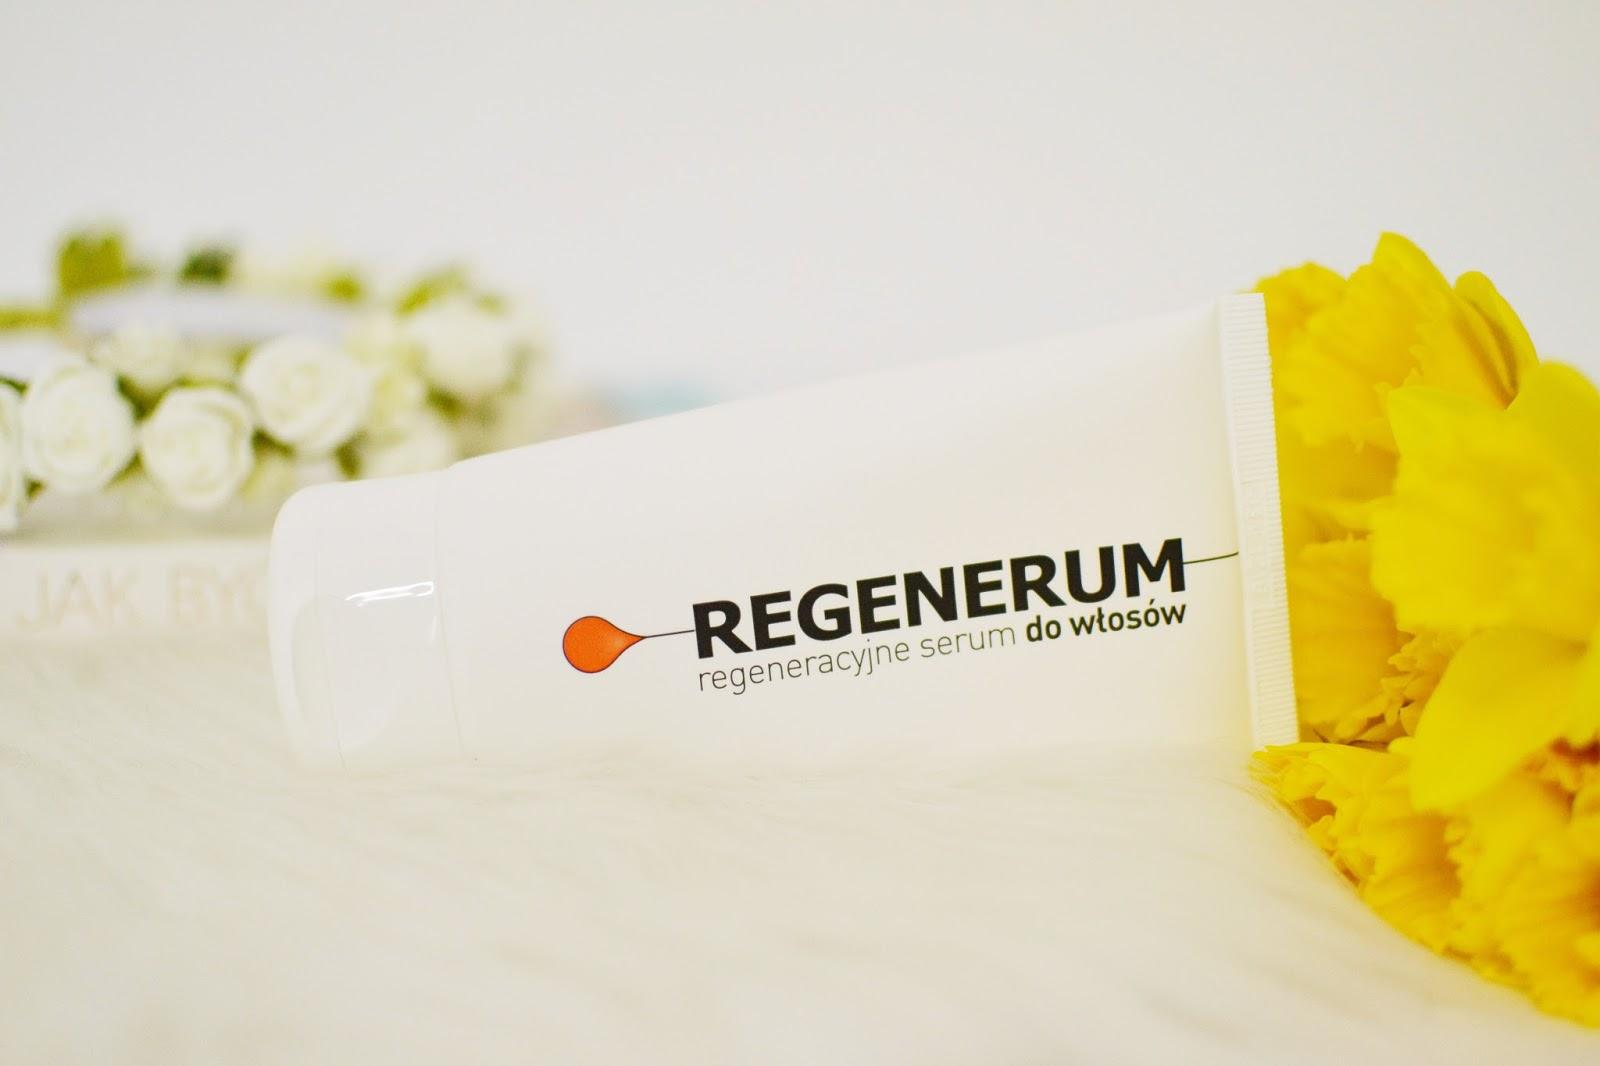 kosmetyki regenerum do włosów